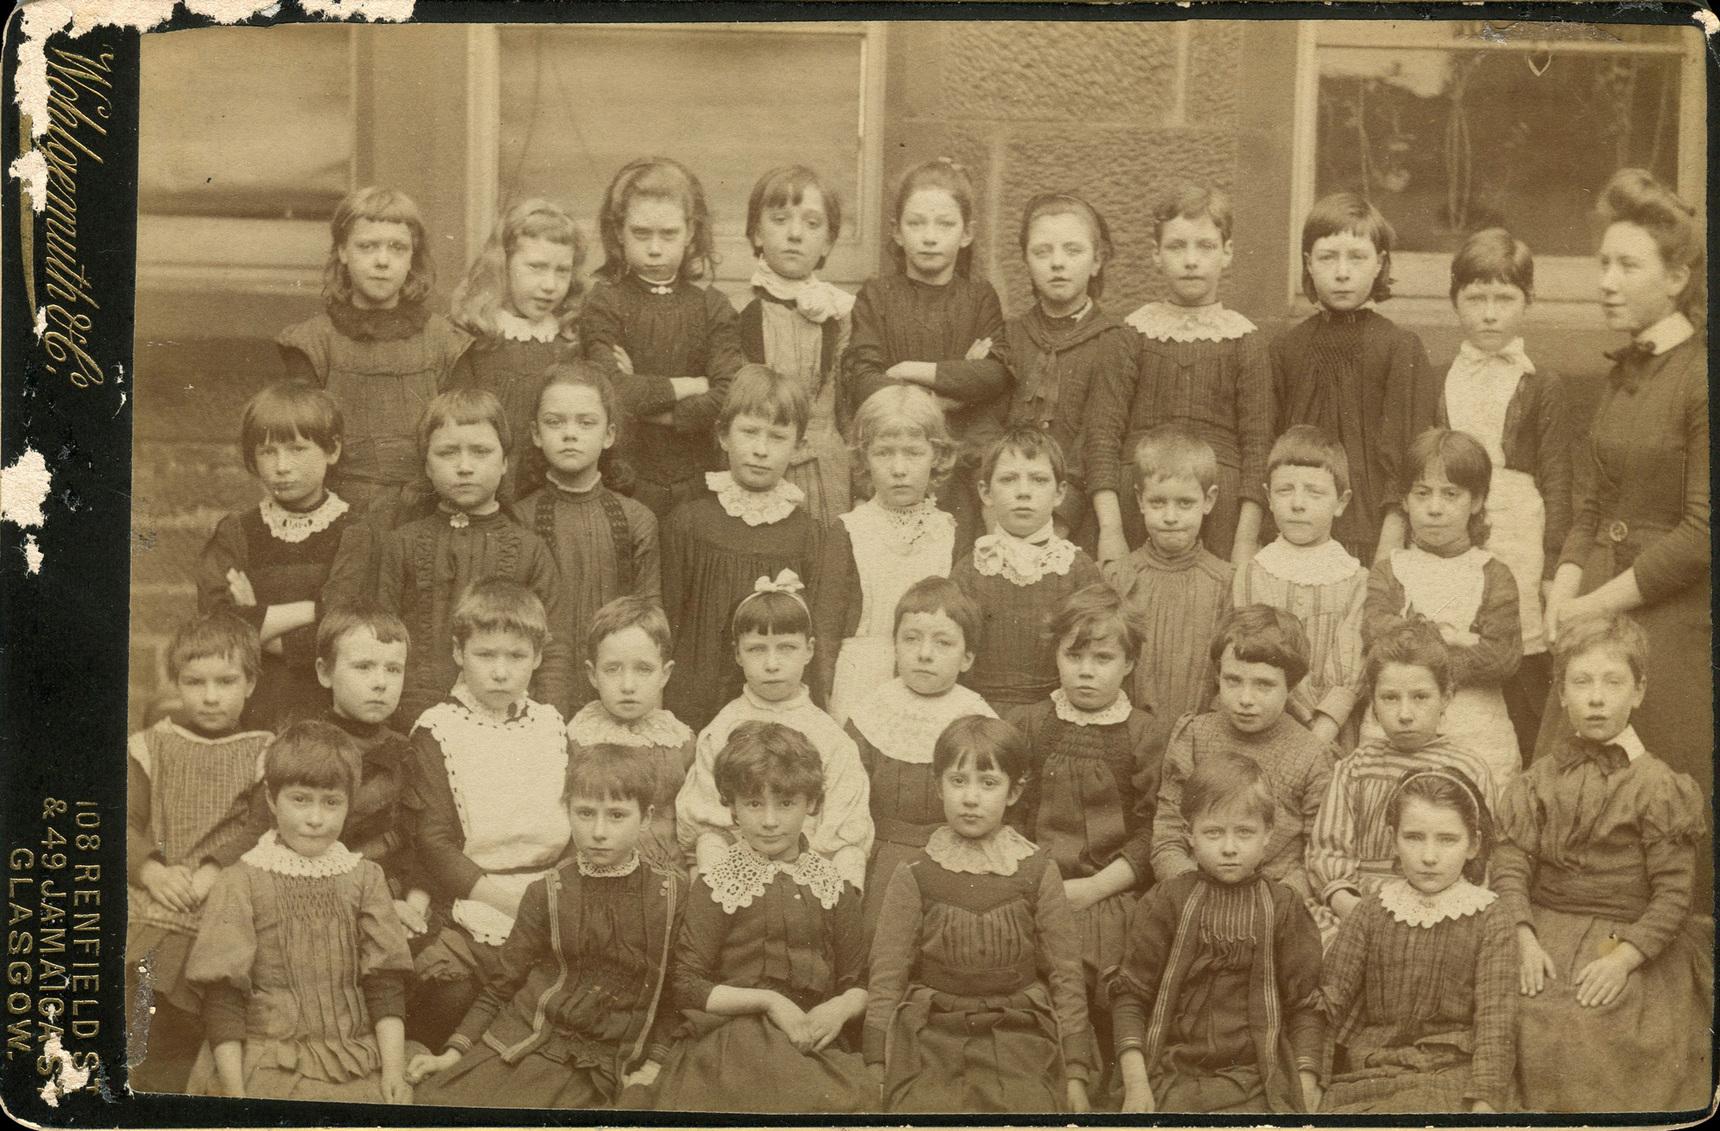 Unidentified School Class Portrait 1890s